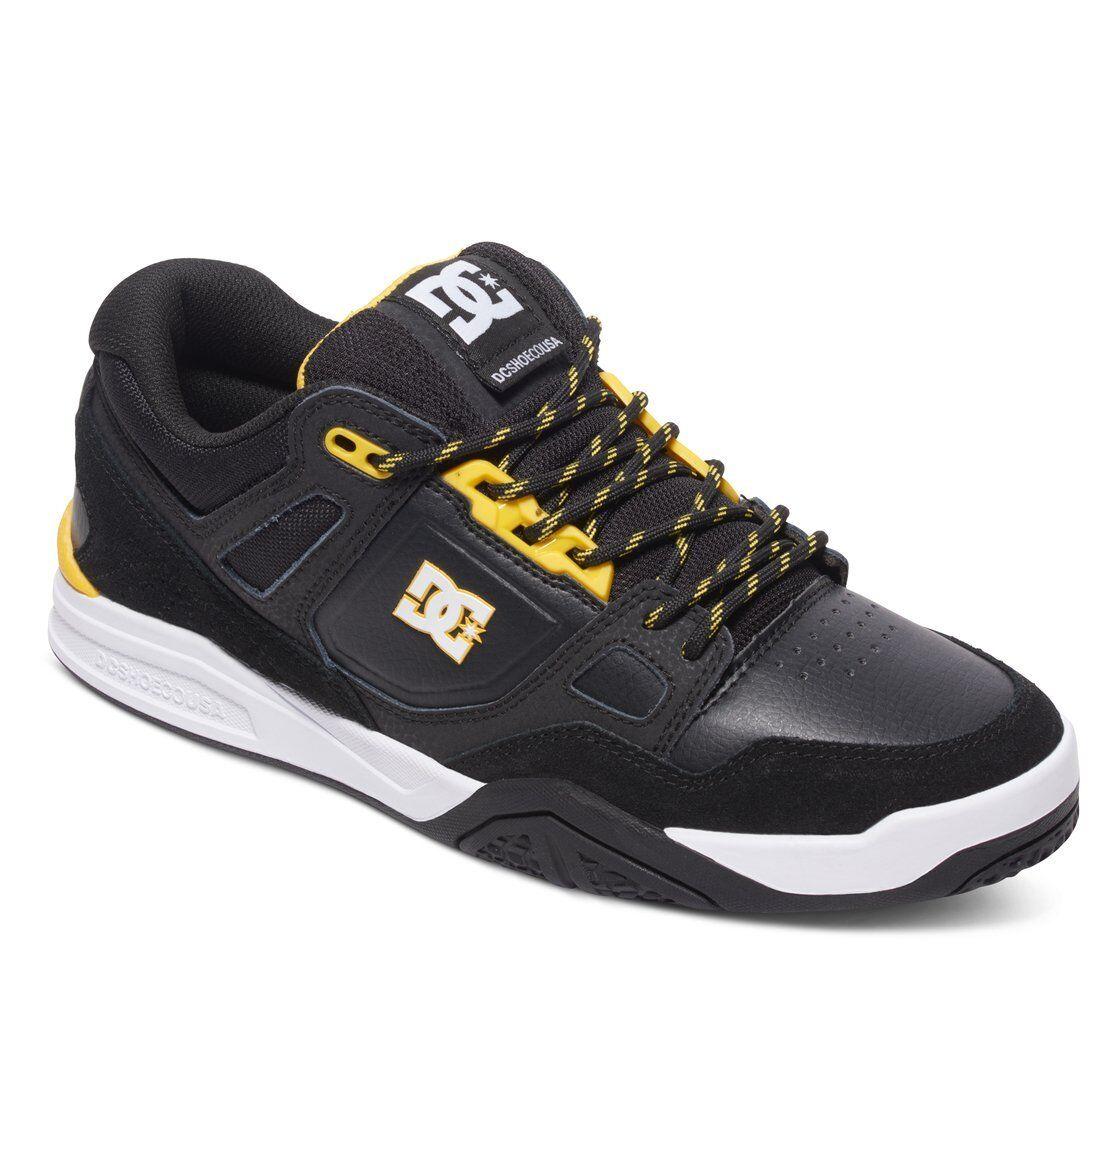 Herrenschuhe Frau skate DC Schuhes Hirsch 2 schwarz gelb Schuhe chaussures zapatos